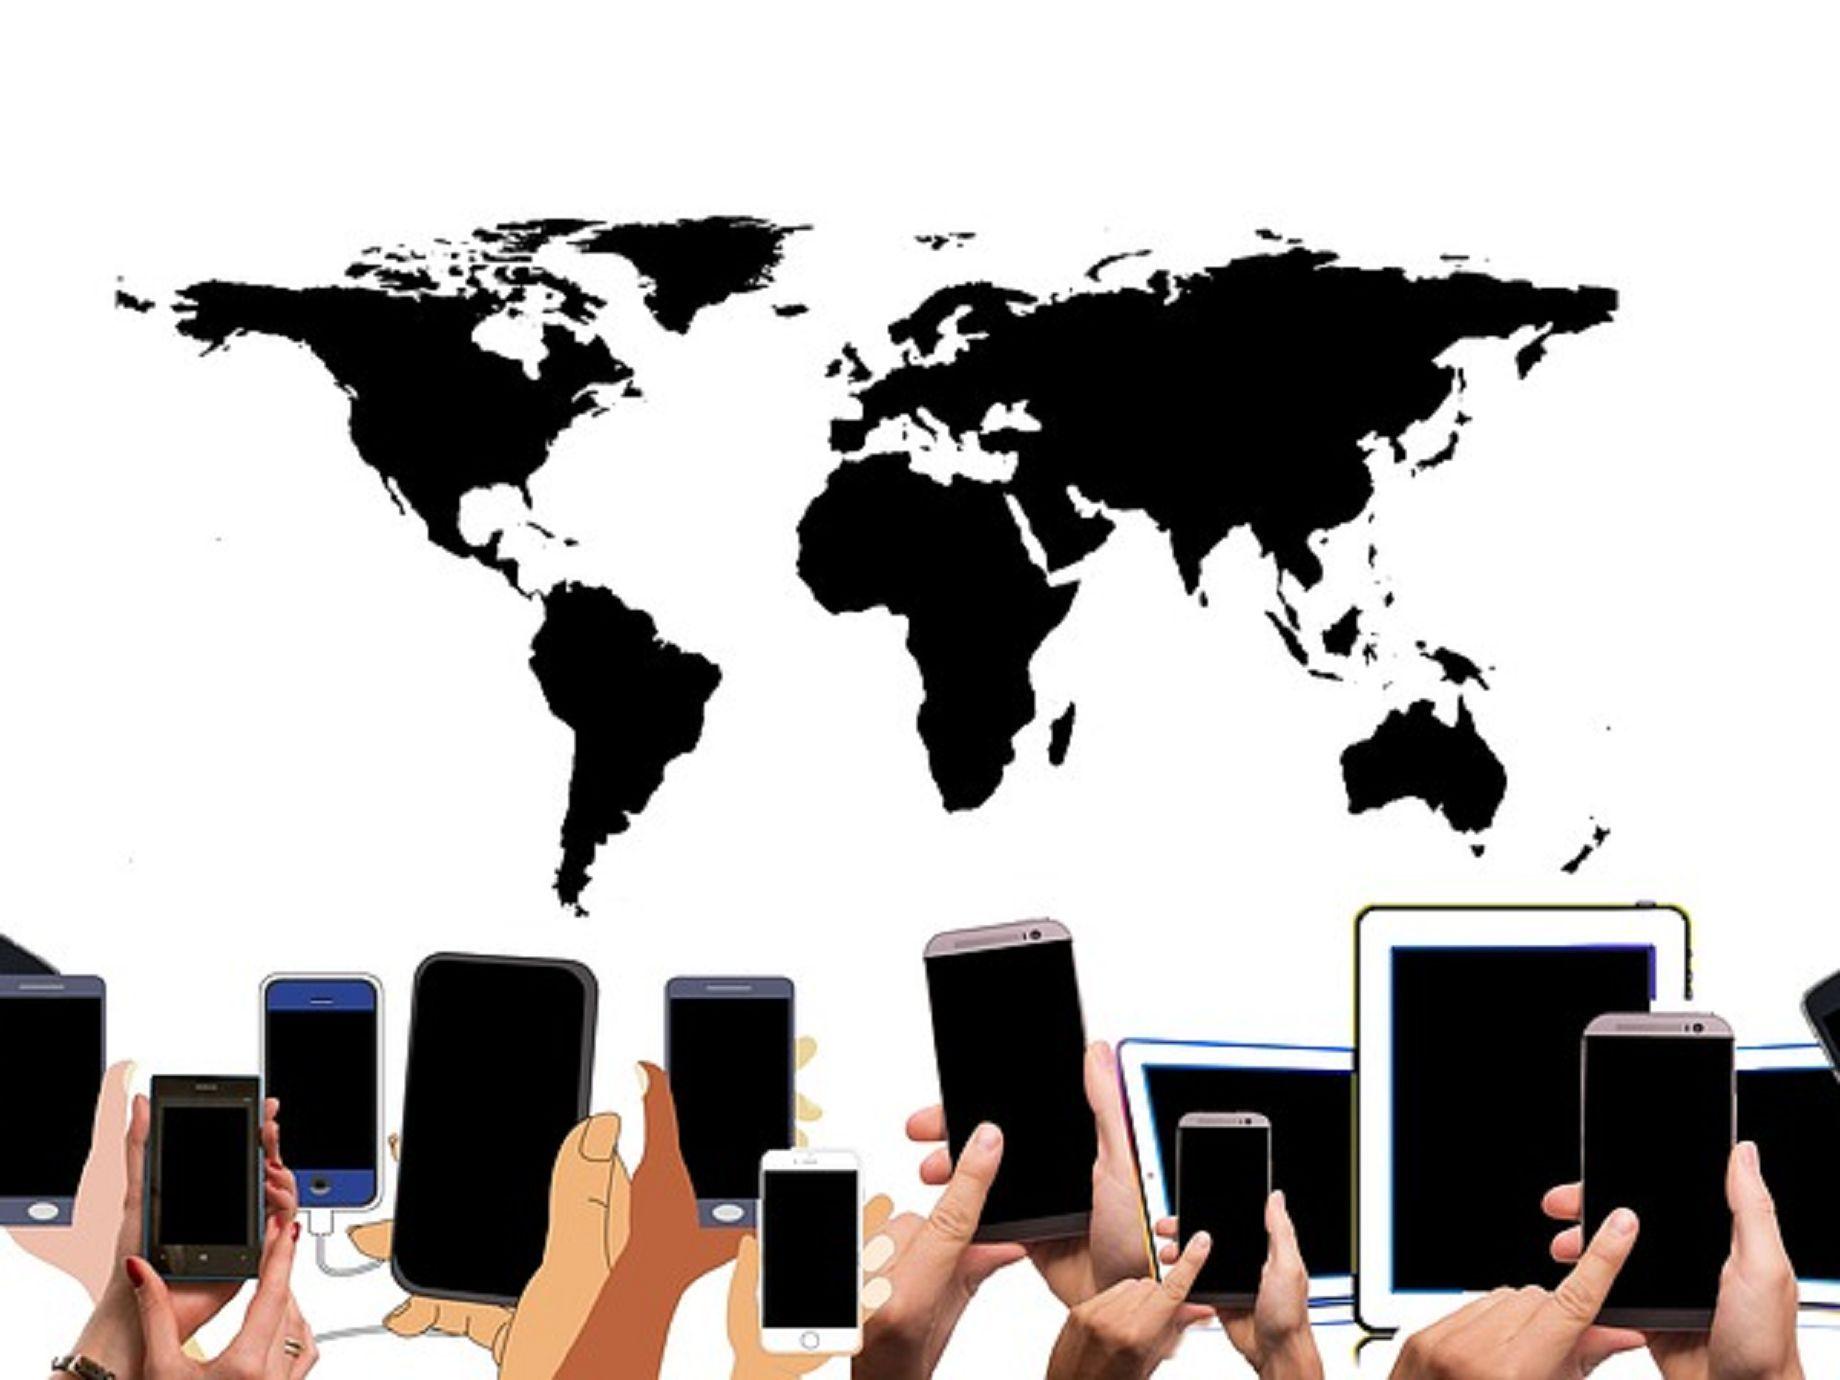 2017全球網路使用調查報告:網路、社群、手機就是我們日常生活